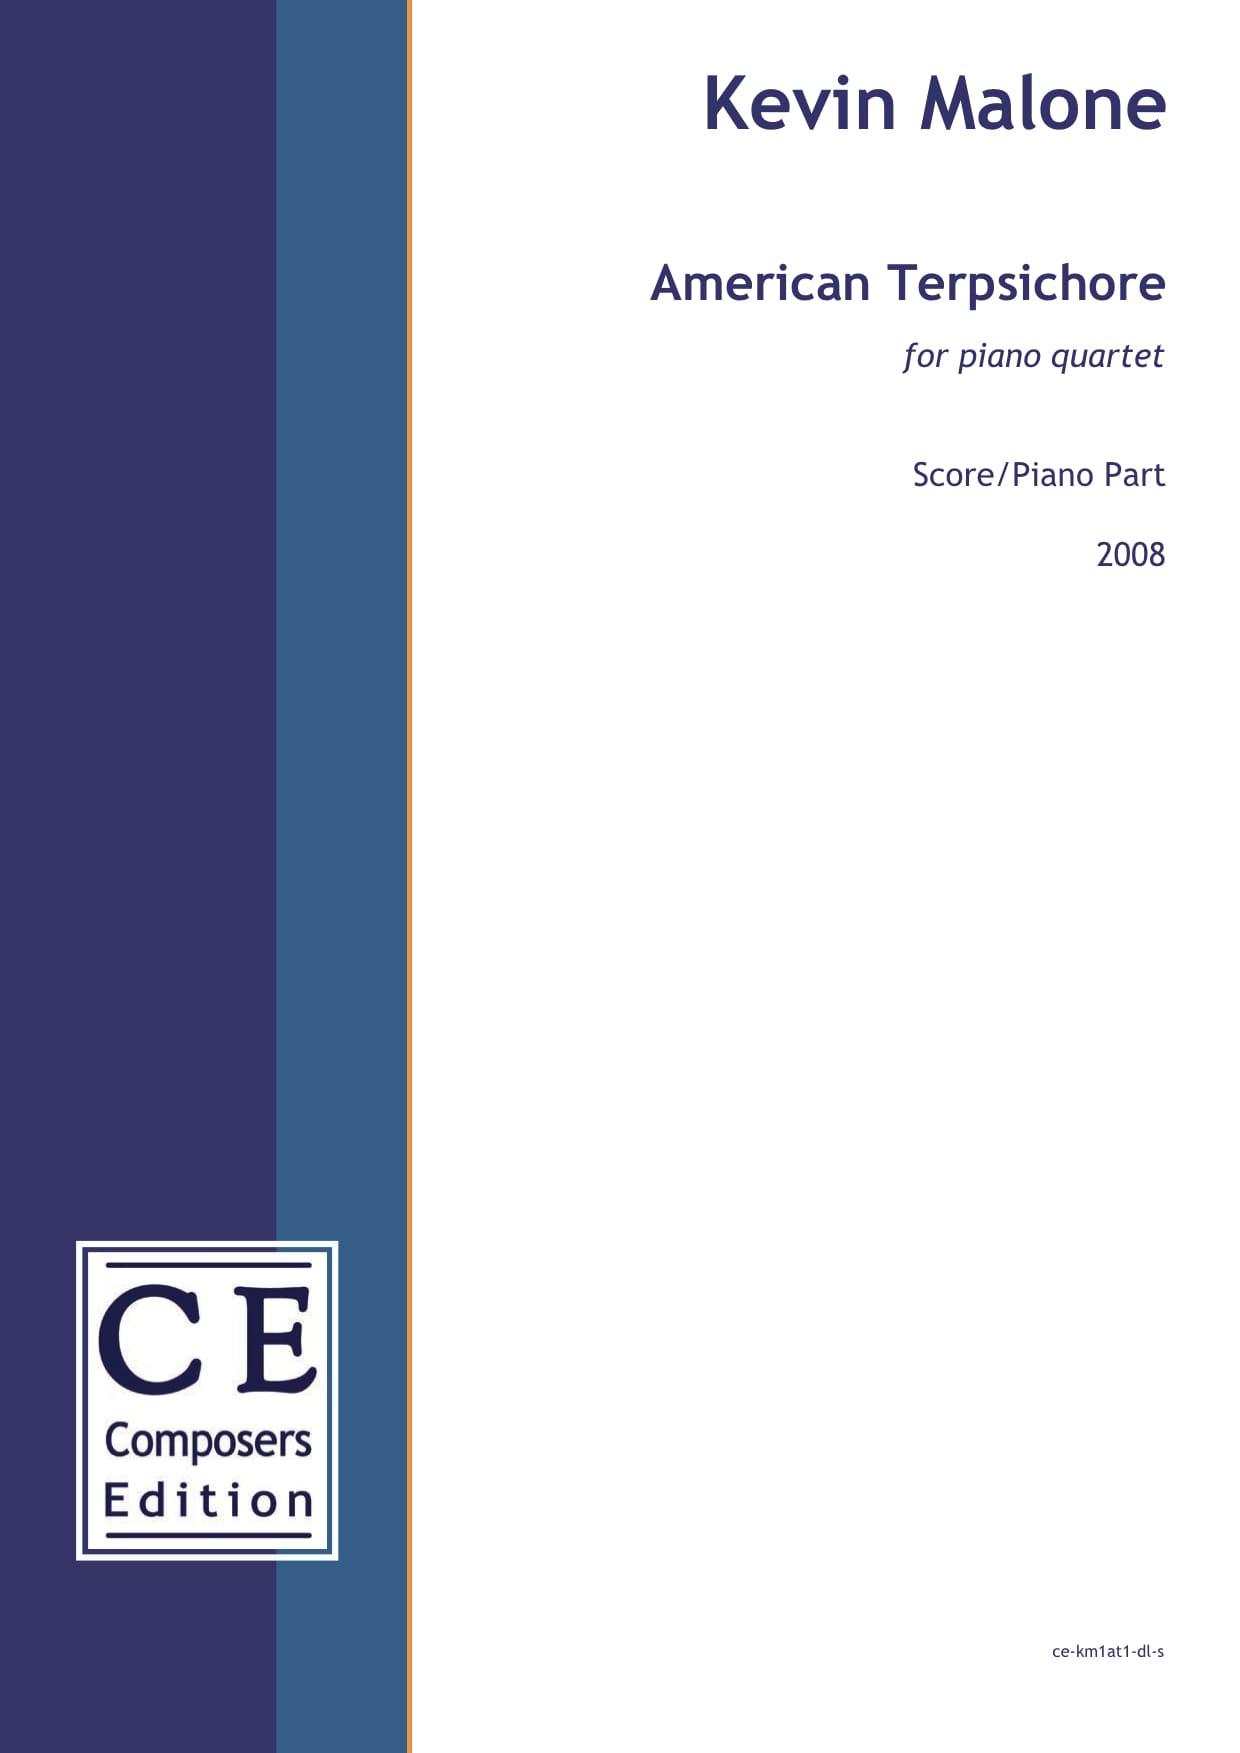 Kevin Malone: American Terpsichore for piano quartet